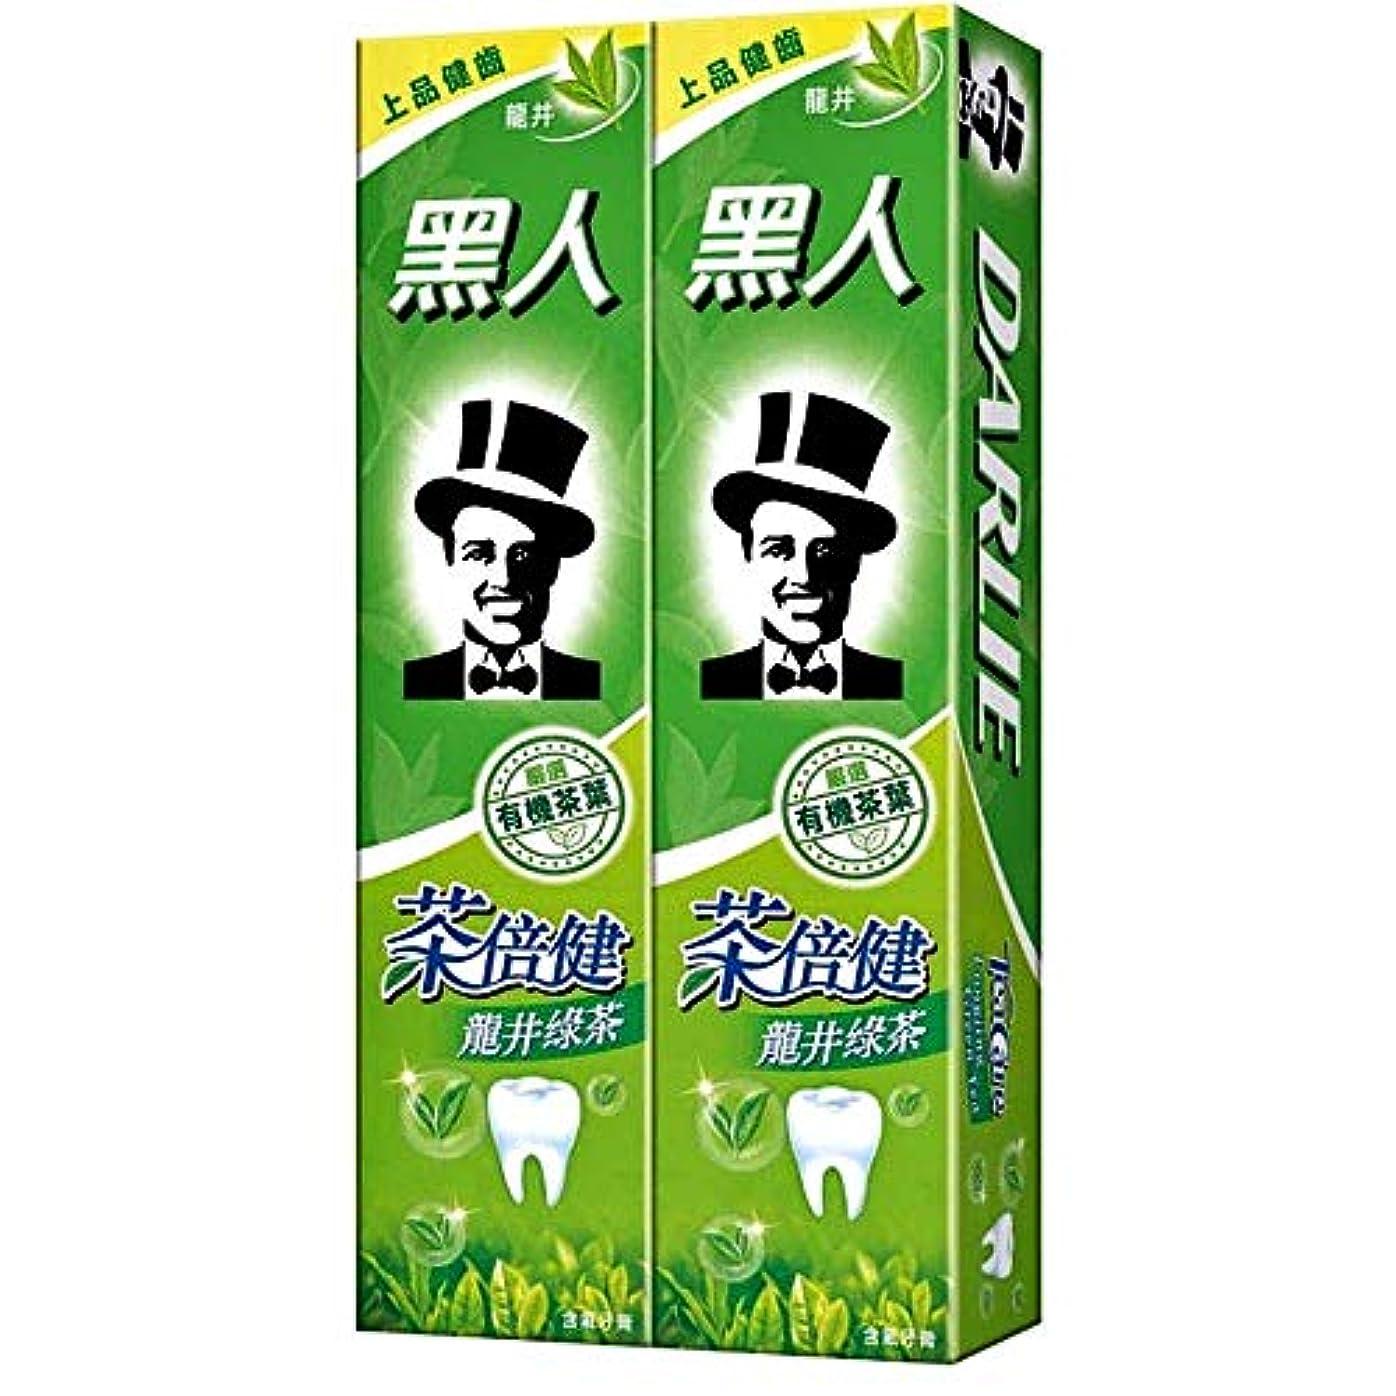 福祉ミネラルカスケード黑人 茶倍健 龍井緑茶 緑茶成分歯磨き粉配合160g×2 [並行輸入品]